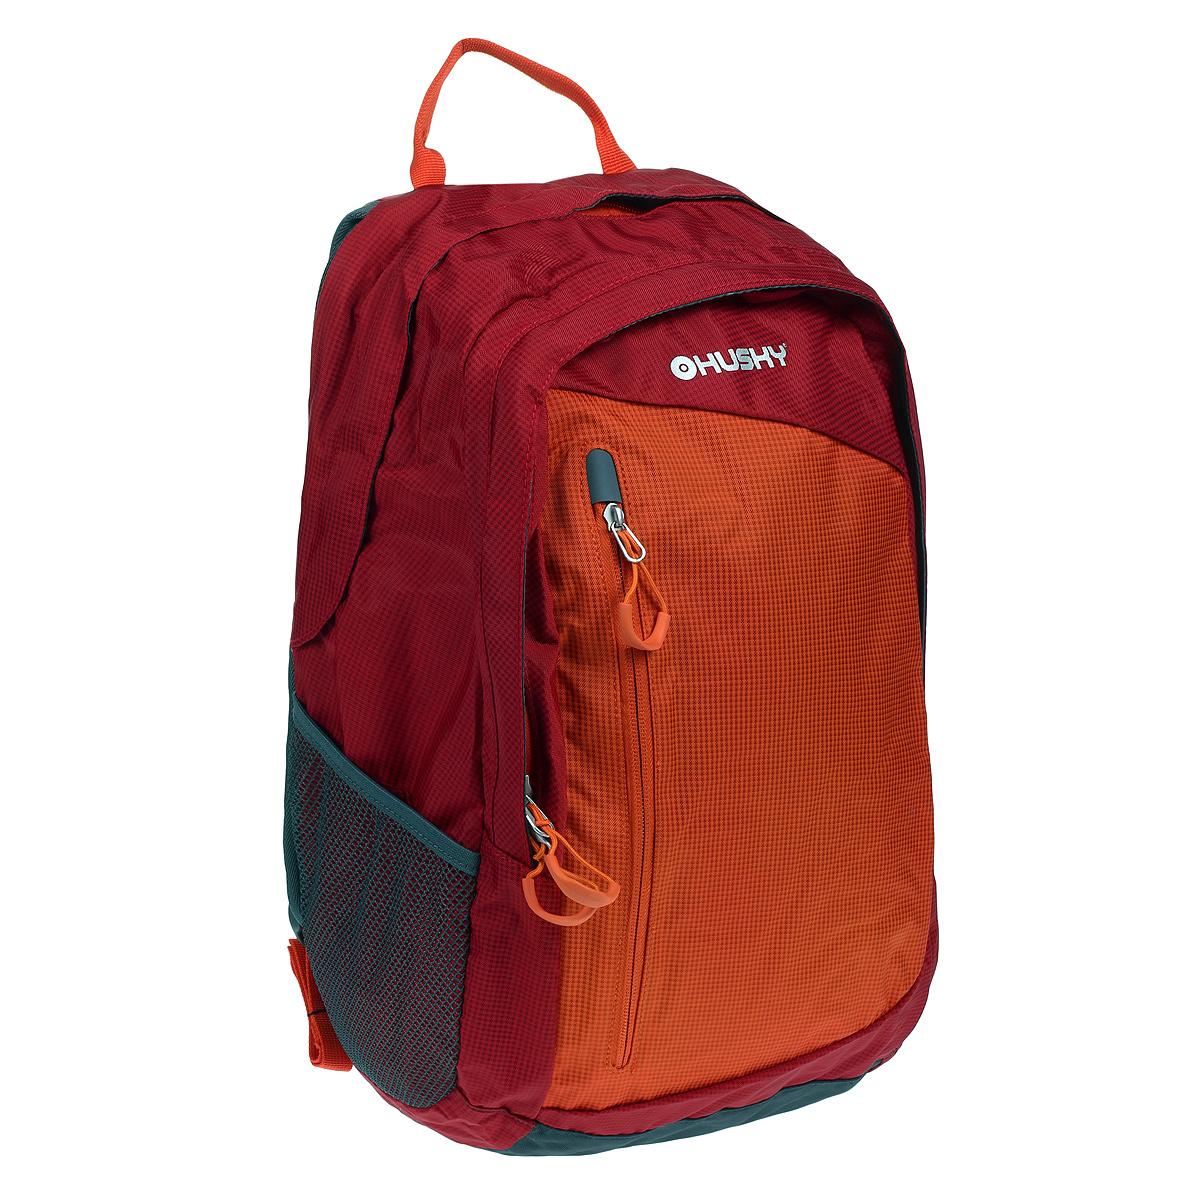 Рюкзак городской Husky Marel 27, цвет: красный рюкзак городской husky maker цвет черный 20 л